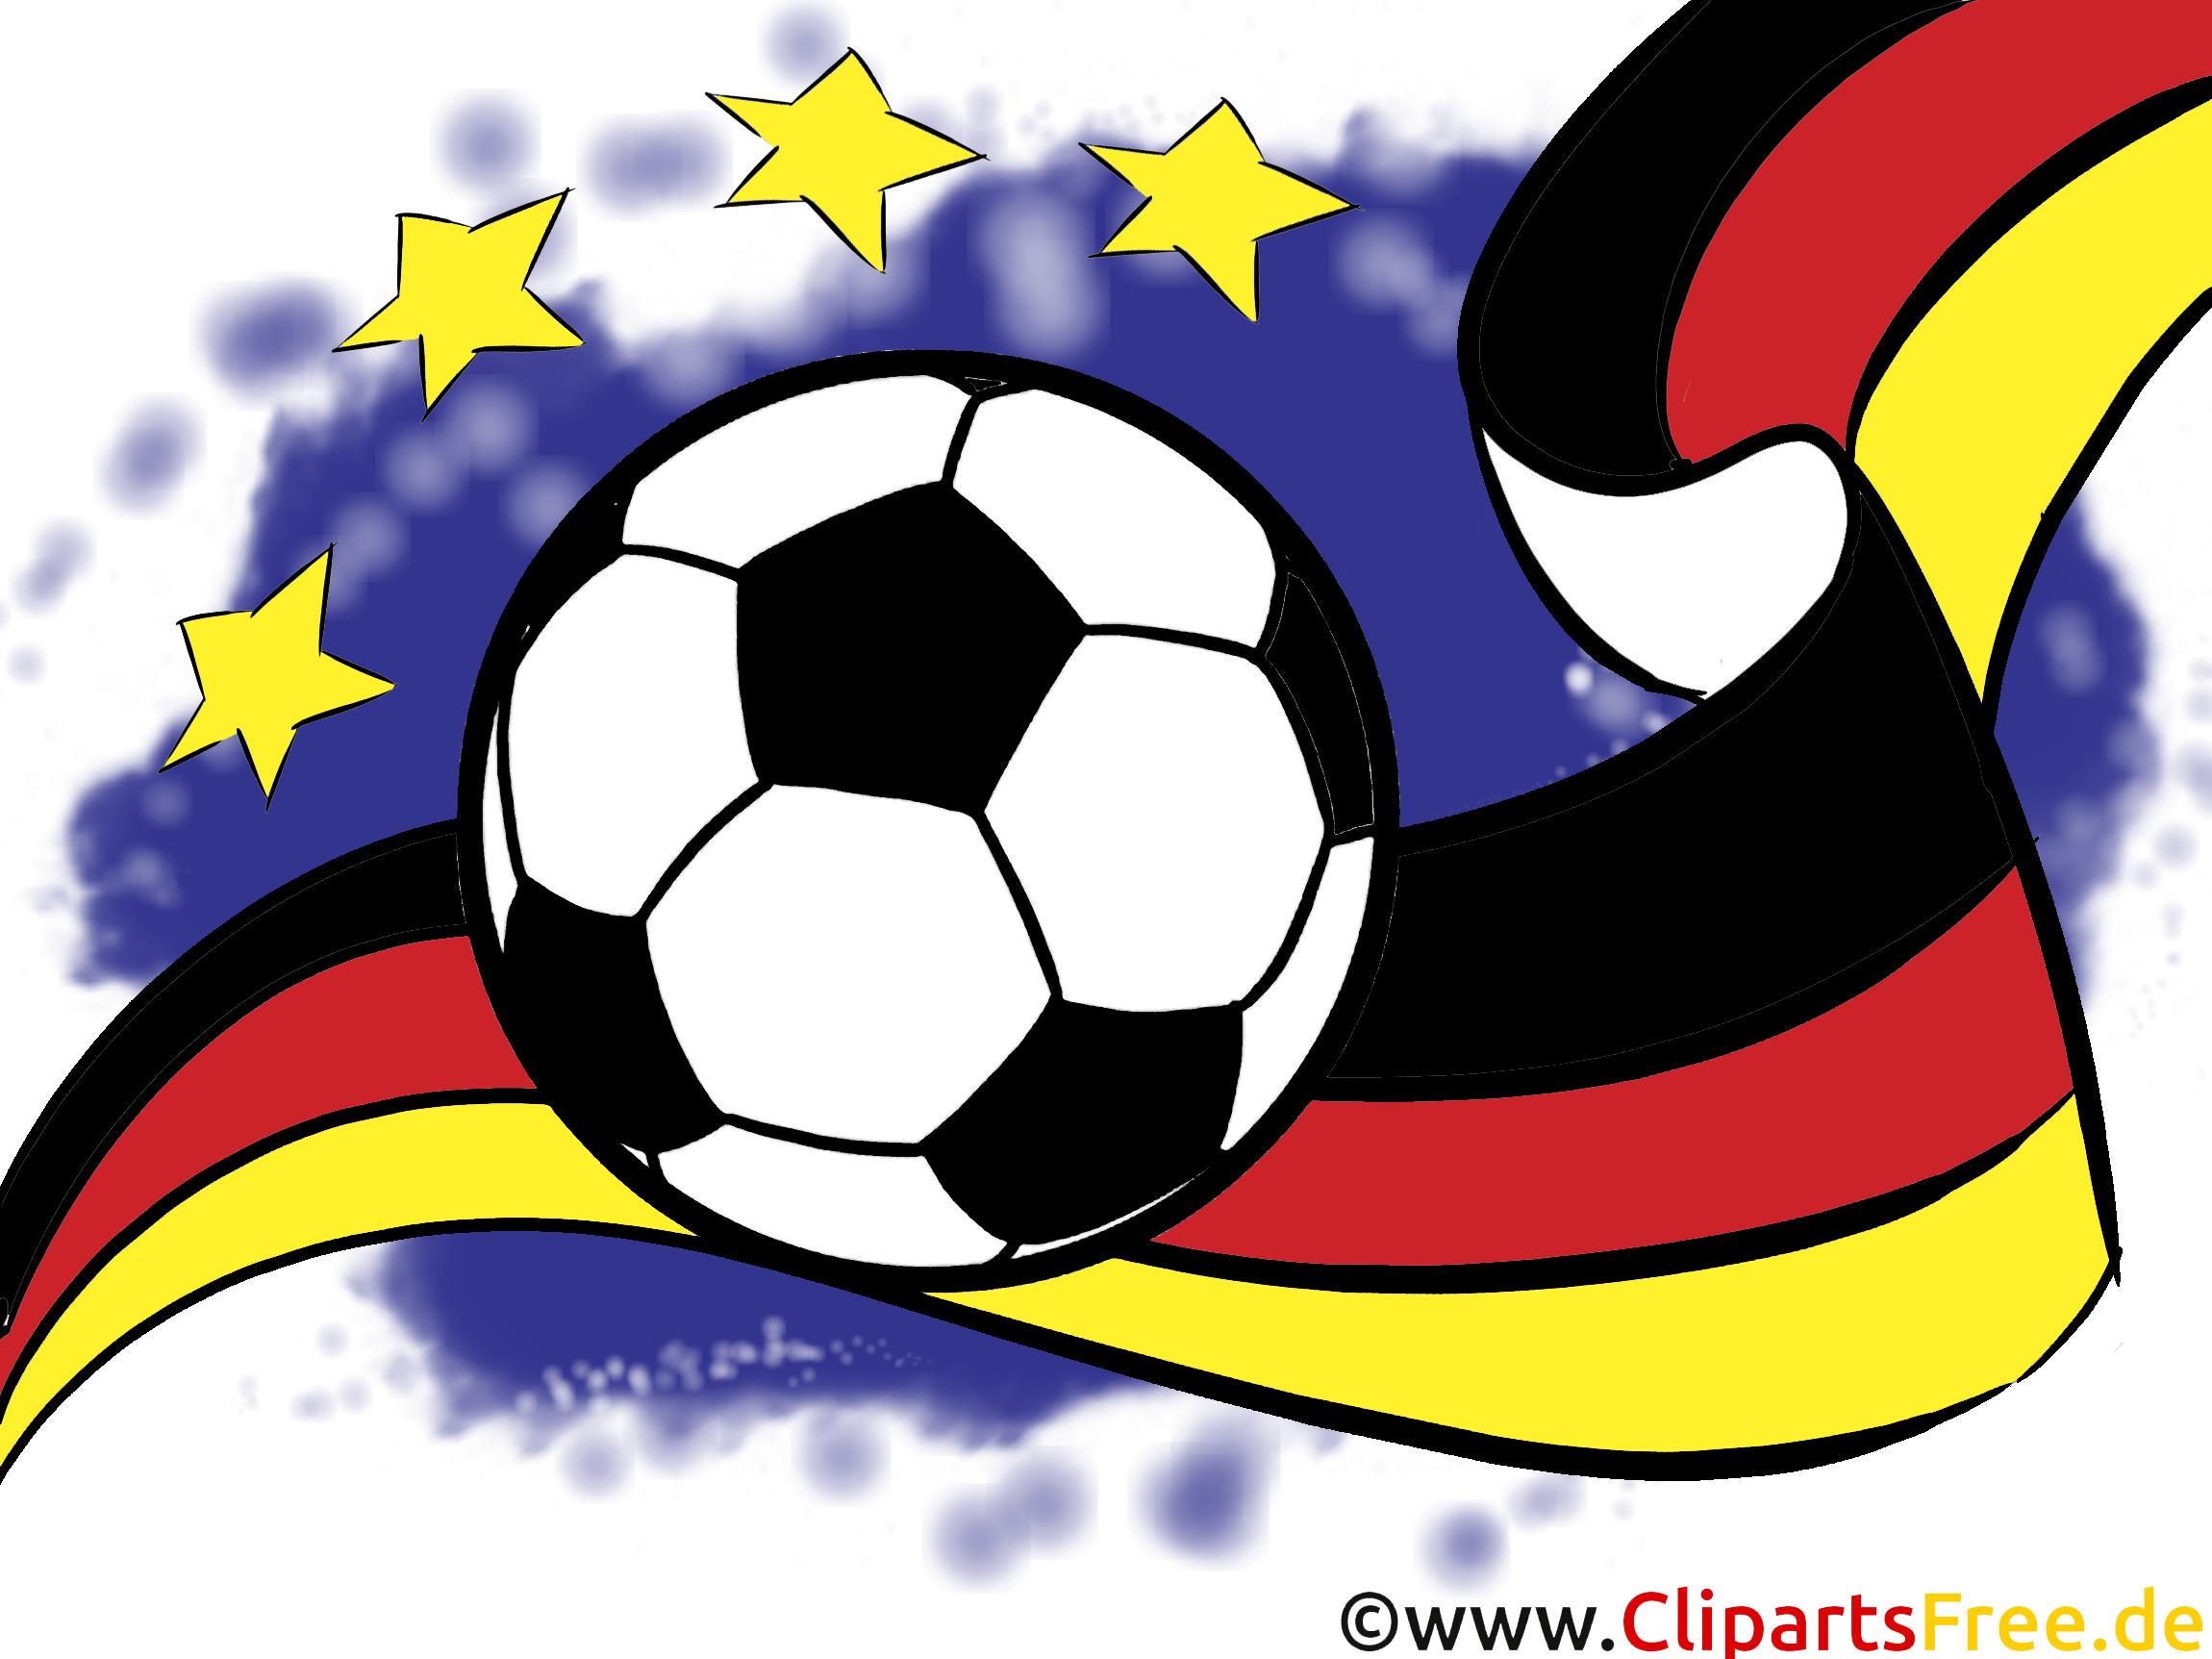 Ball Fussball EM WM Bild-Clipart